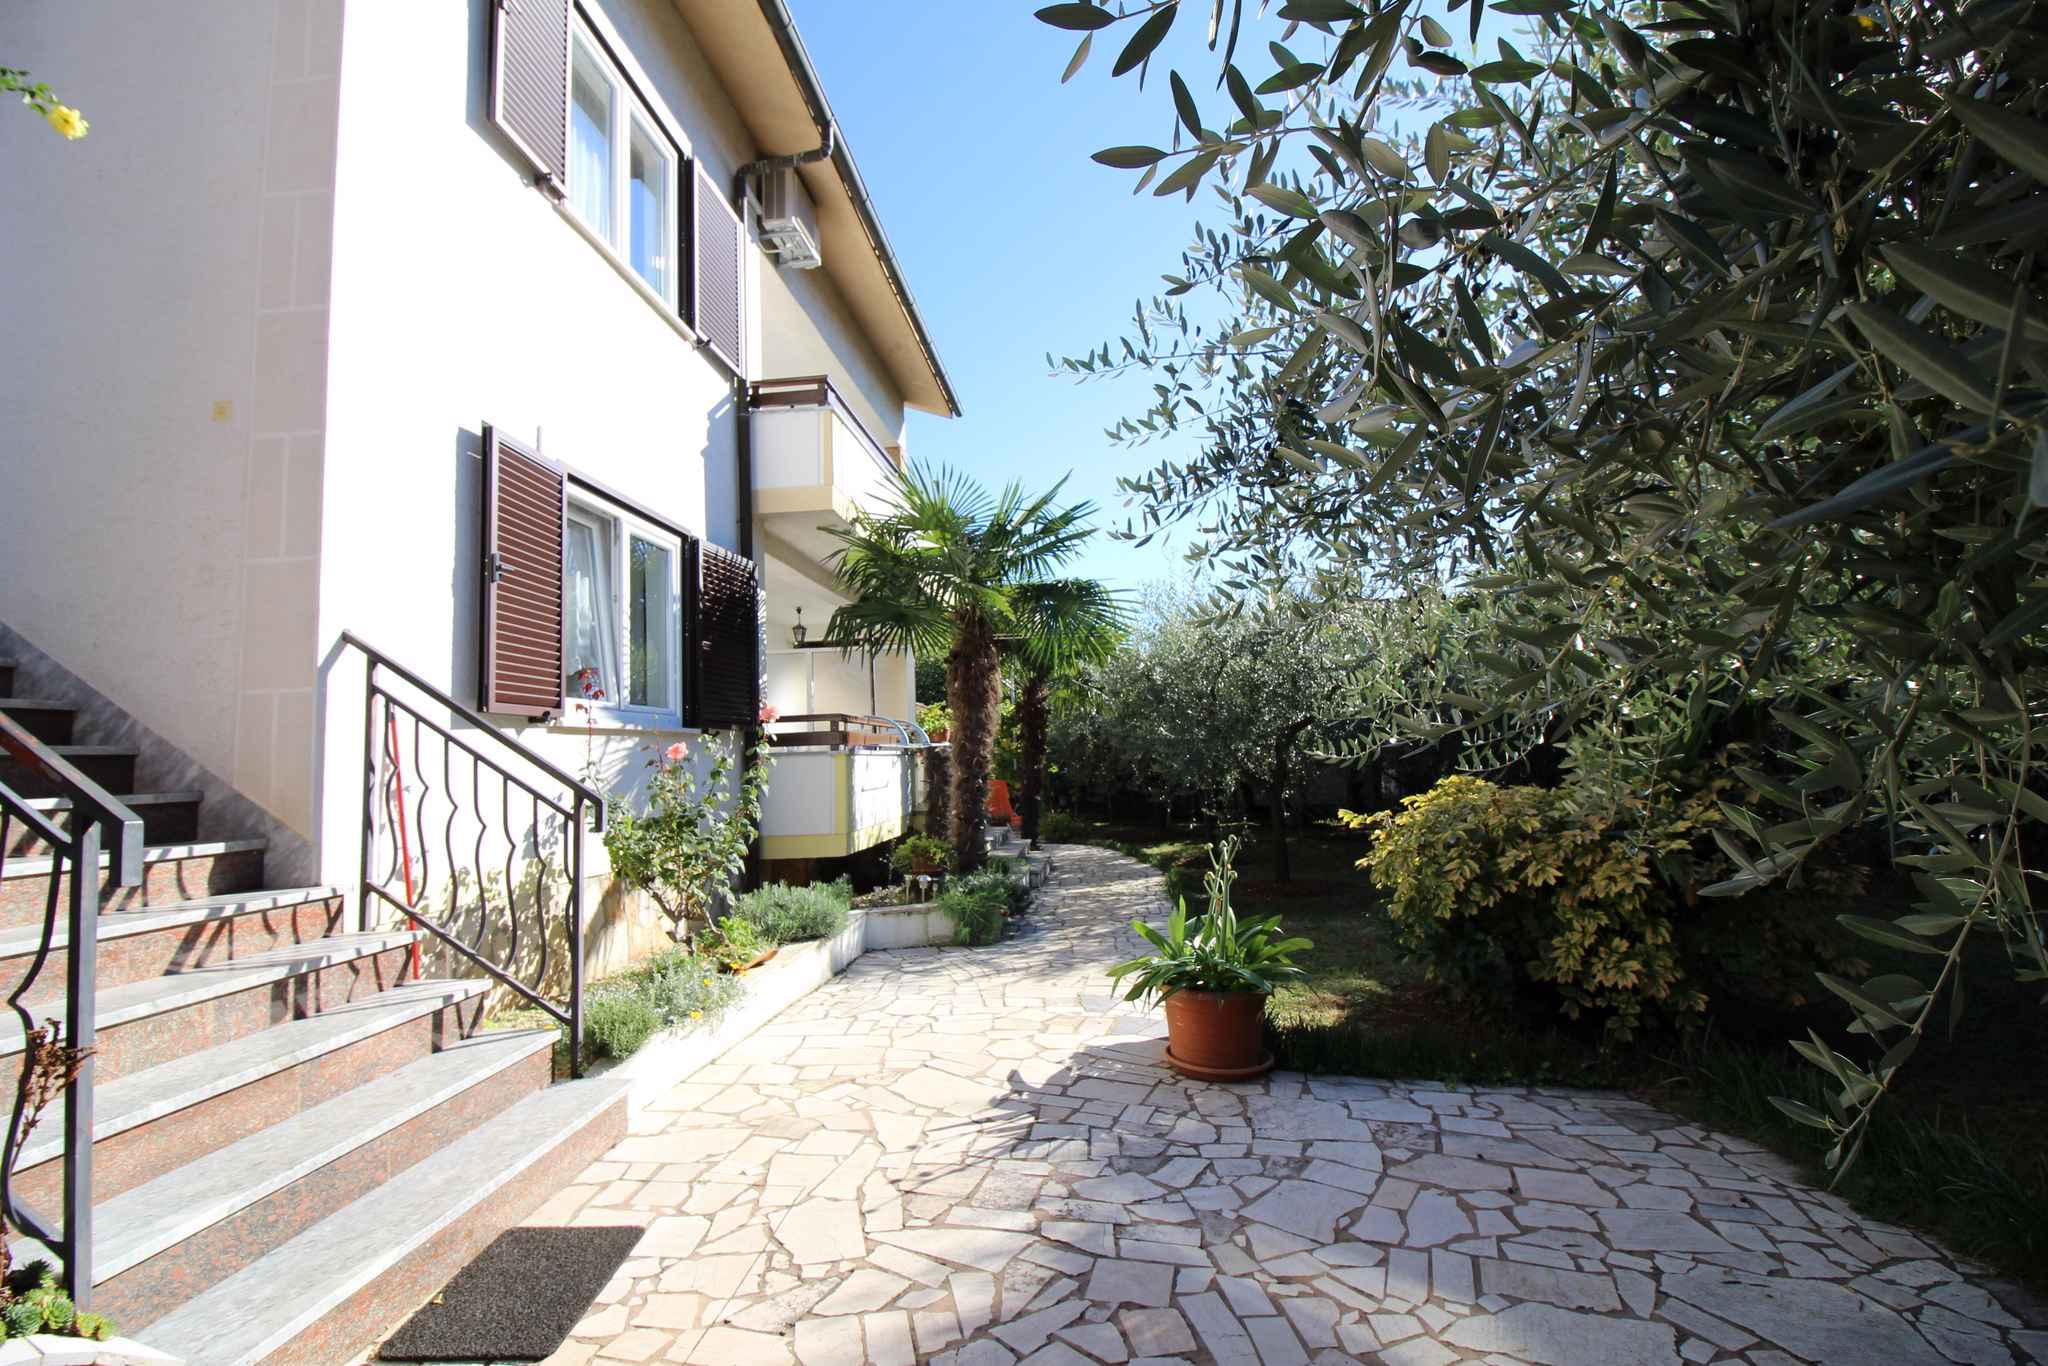 Ferienwohnung mit schönem Garten und Grill (280313), Porec, , Istrien, Kroatien, Bild 2